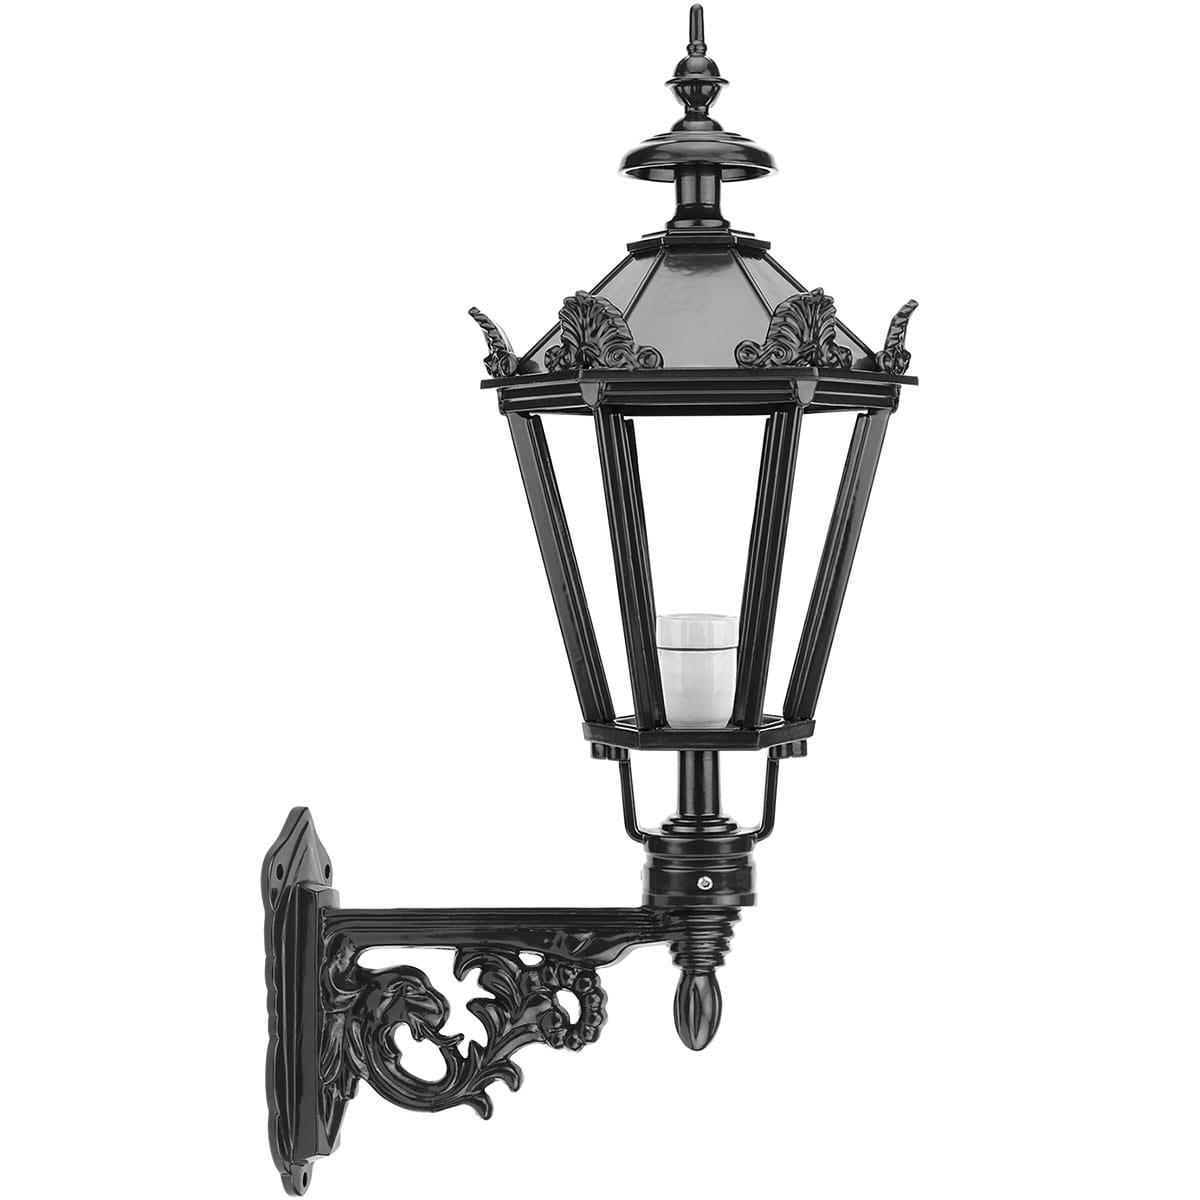 Outdoor Lighting Classic Rural Facade lamp outdoors Ellewoutsdijk - 68 cm